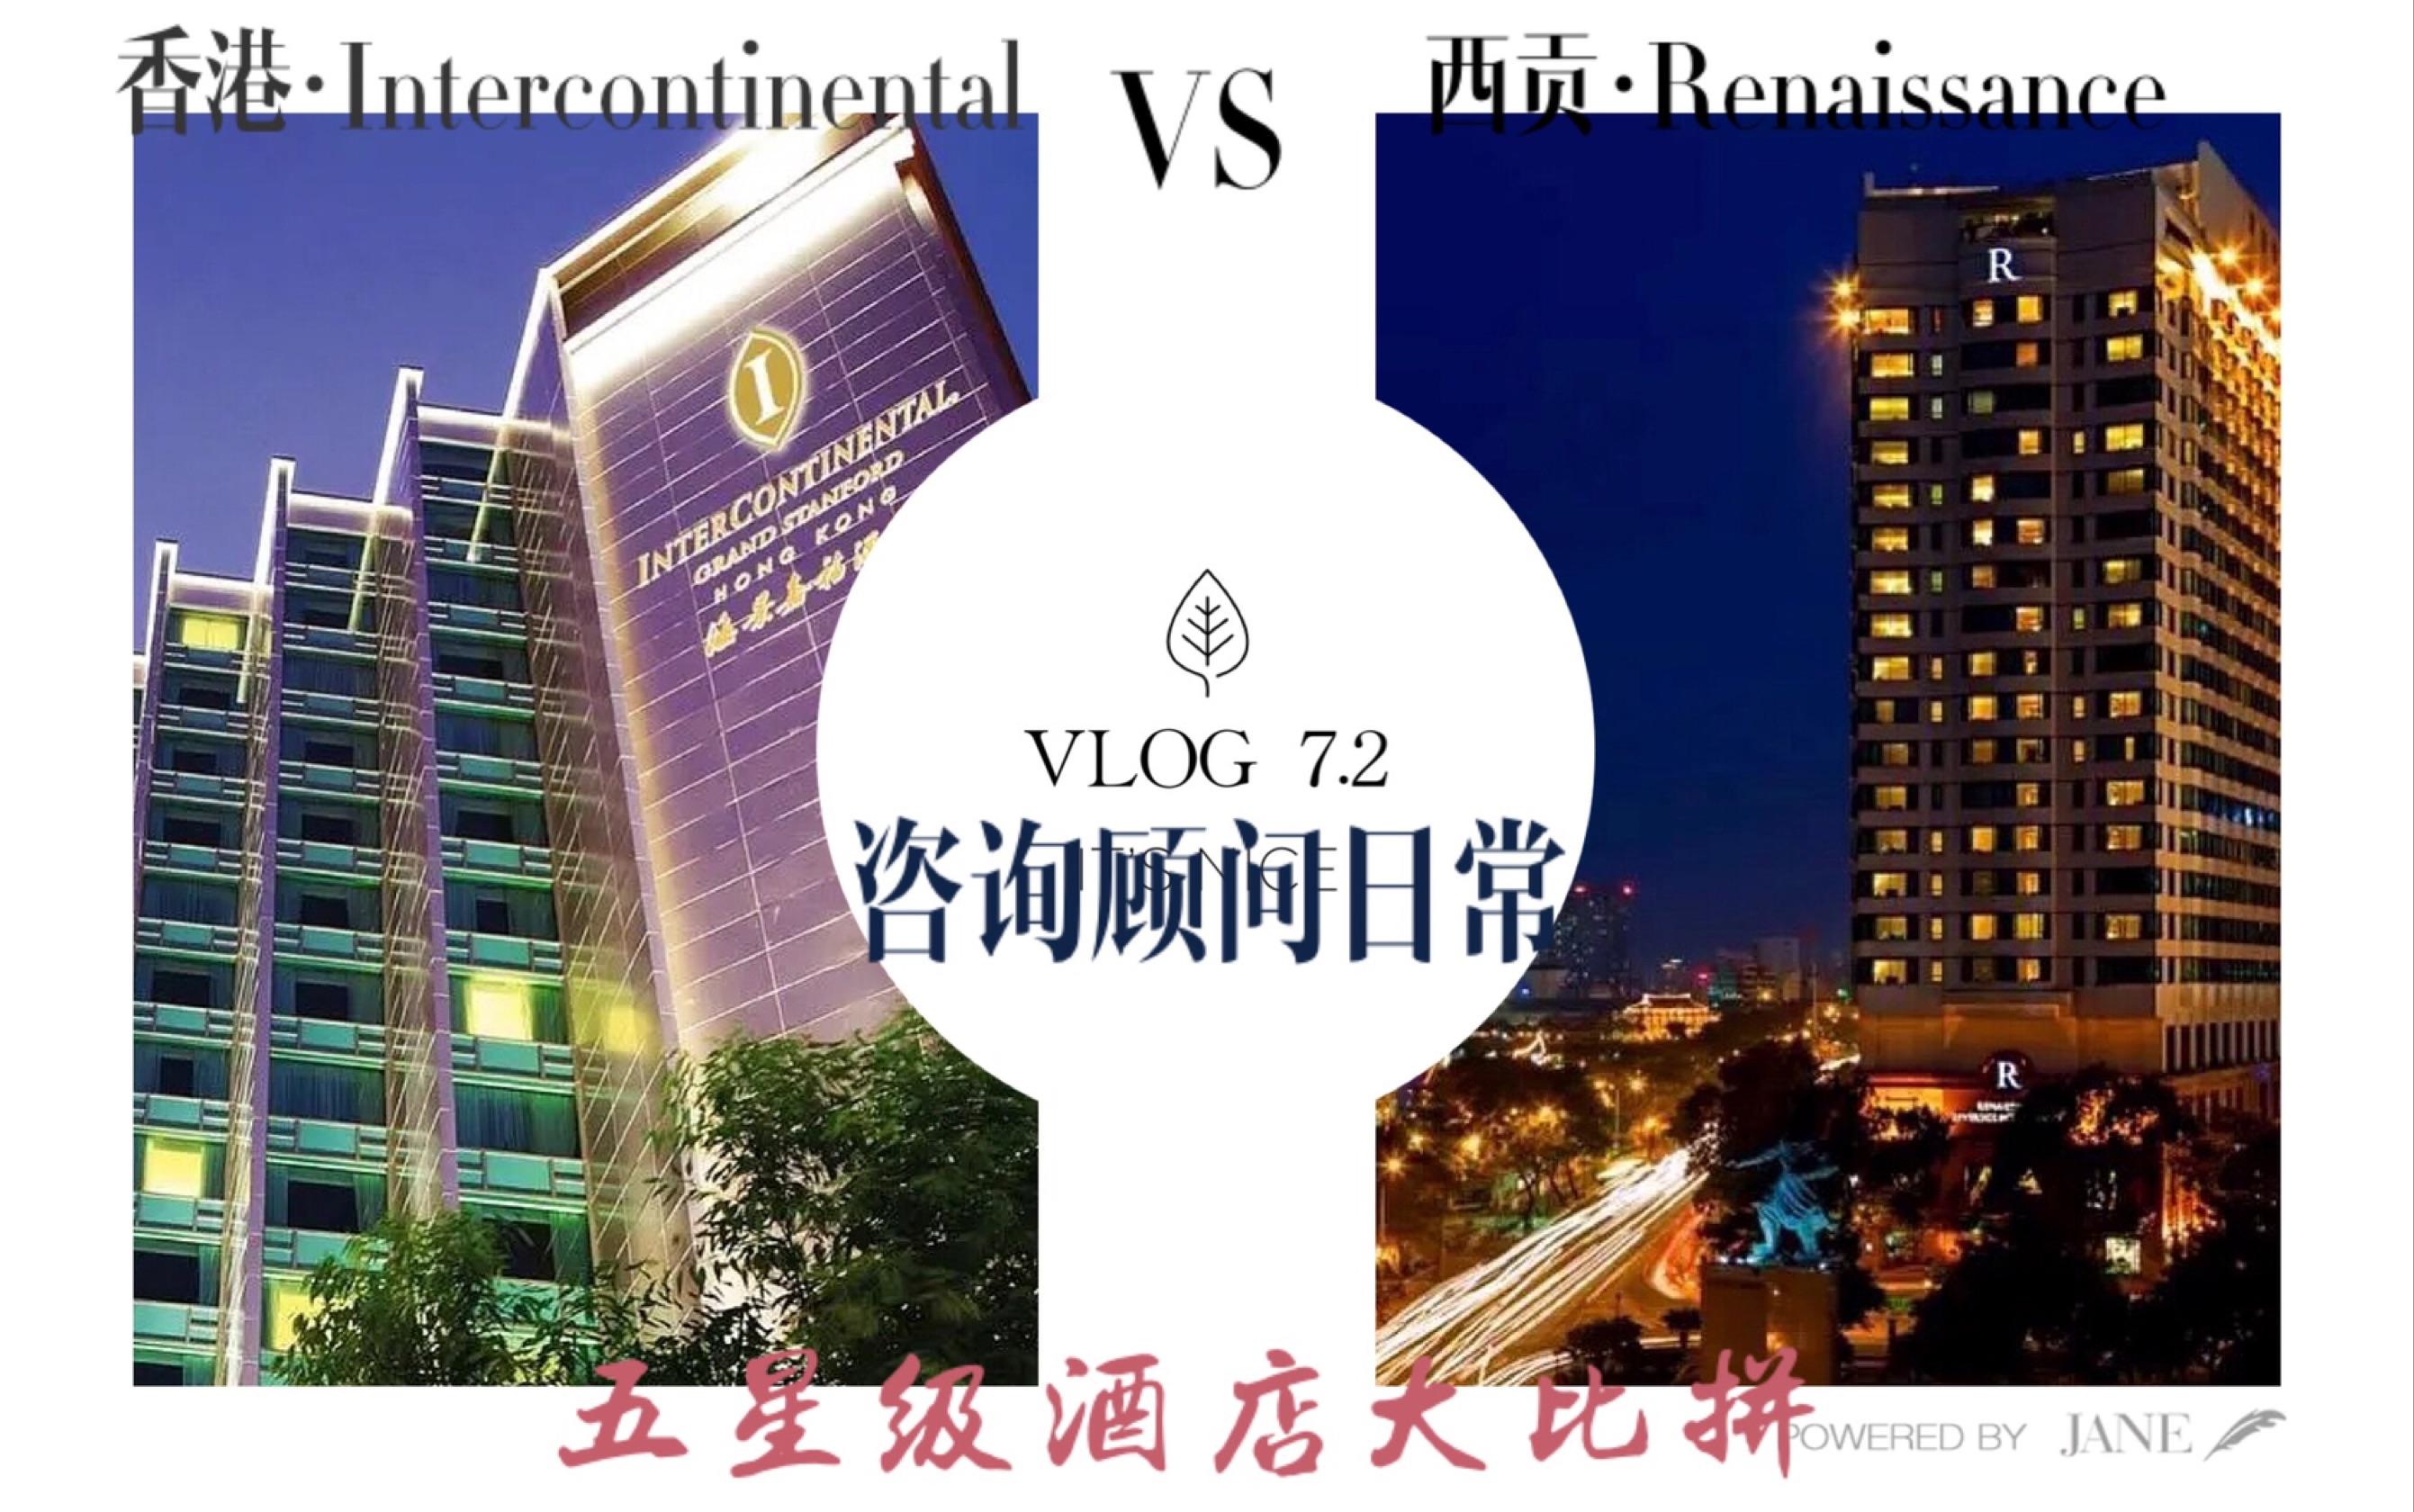 【咨询顾问日常】VLog7.2 之 顾问出差住宿标准|香港是真的寸土寸金啊!